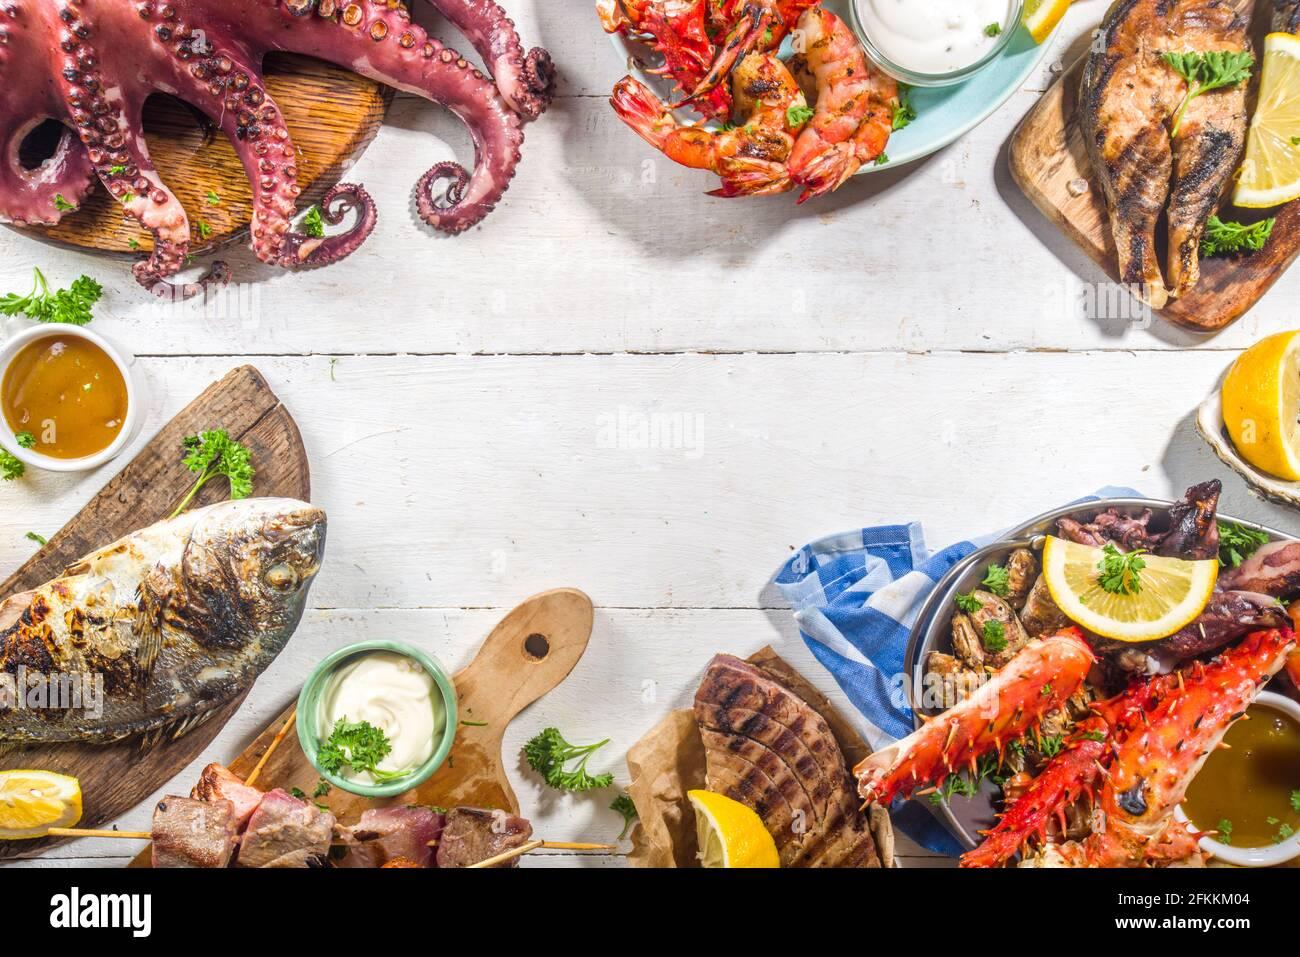 Surtido VARIOS COMIDA A LA BARBACOA MEDITERRÁNEA - PESCADO, pulpo, camarón, cangrejo, mariscos, mejillones, dieta de verano fiesta barbacoa, con kebab, salsas, Foto de stock